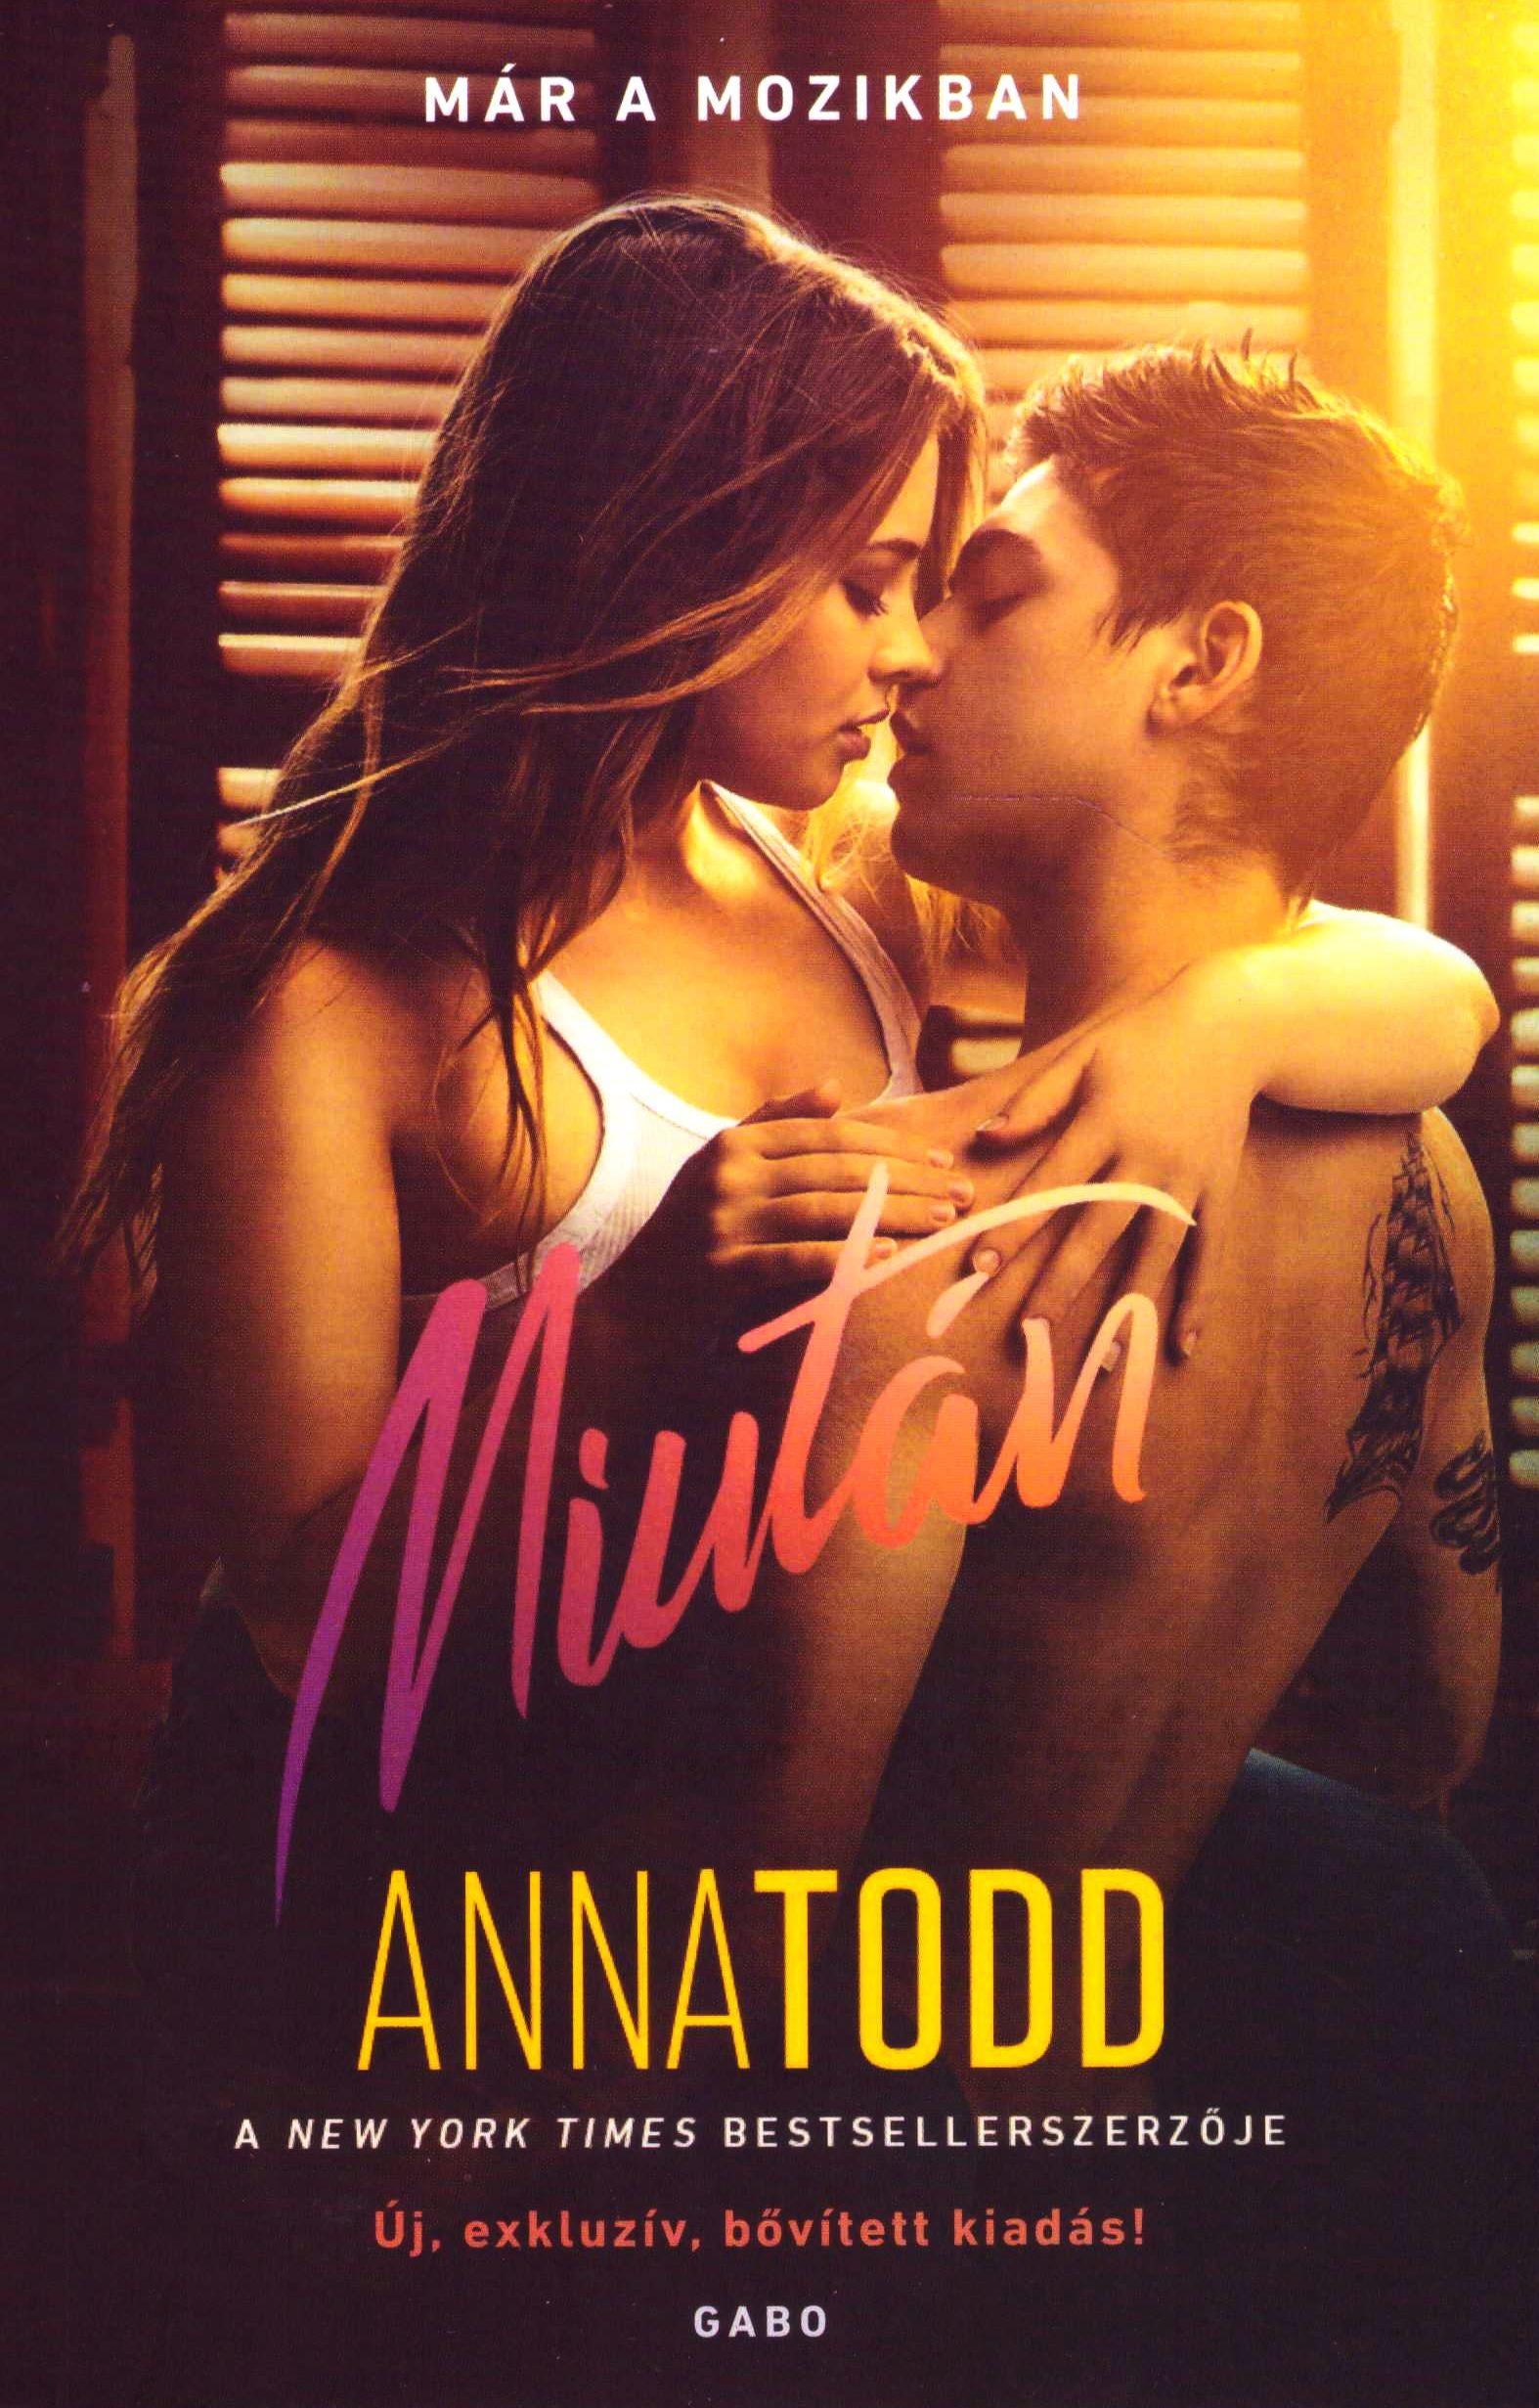 Anna Todd: Miután - Filmes borítóval